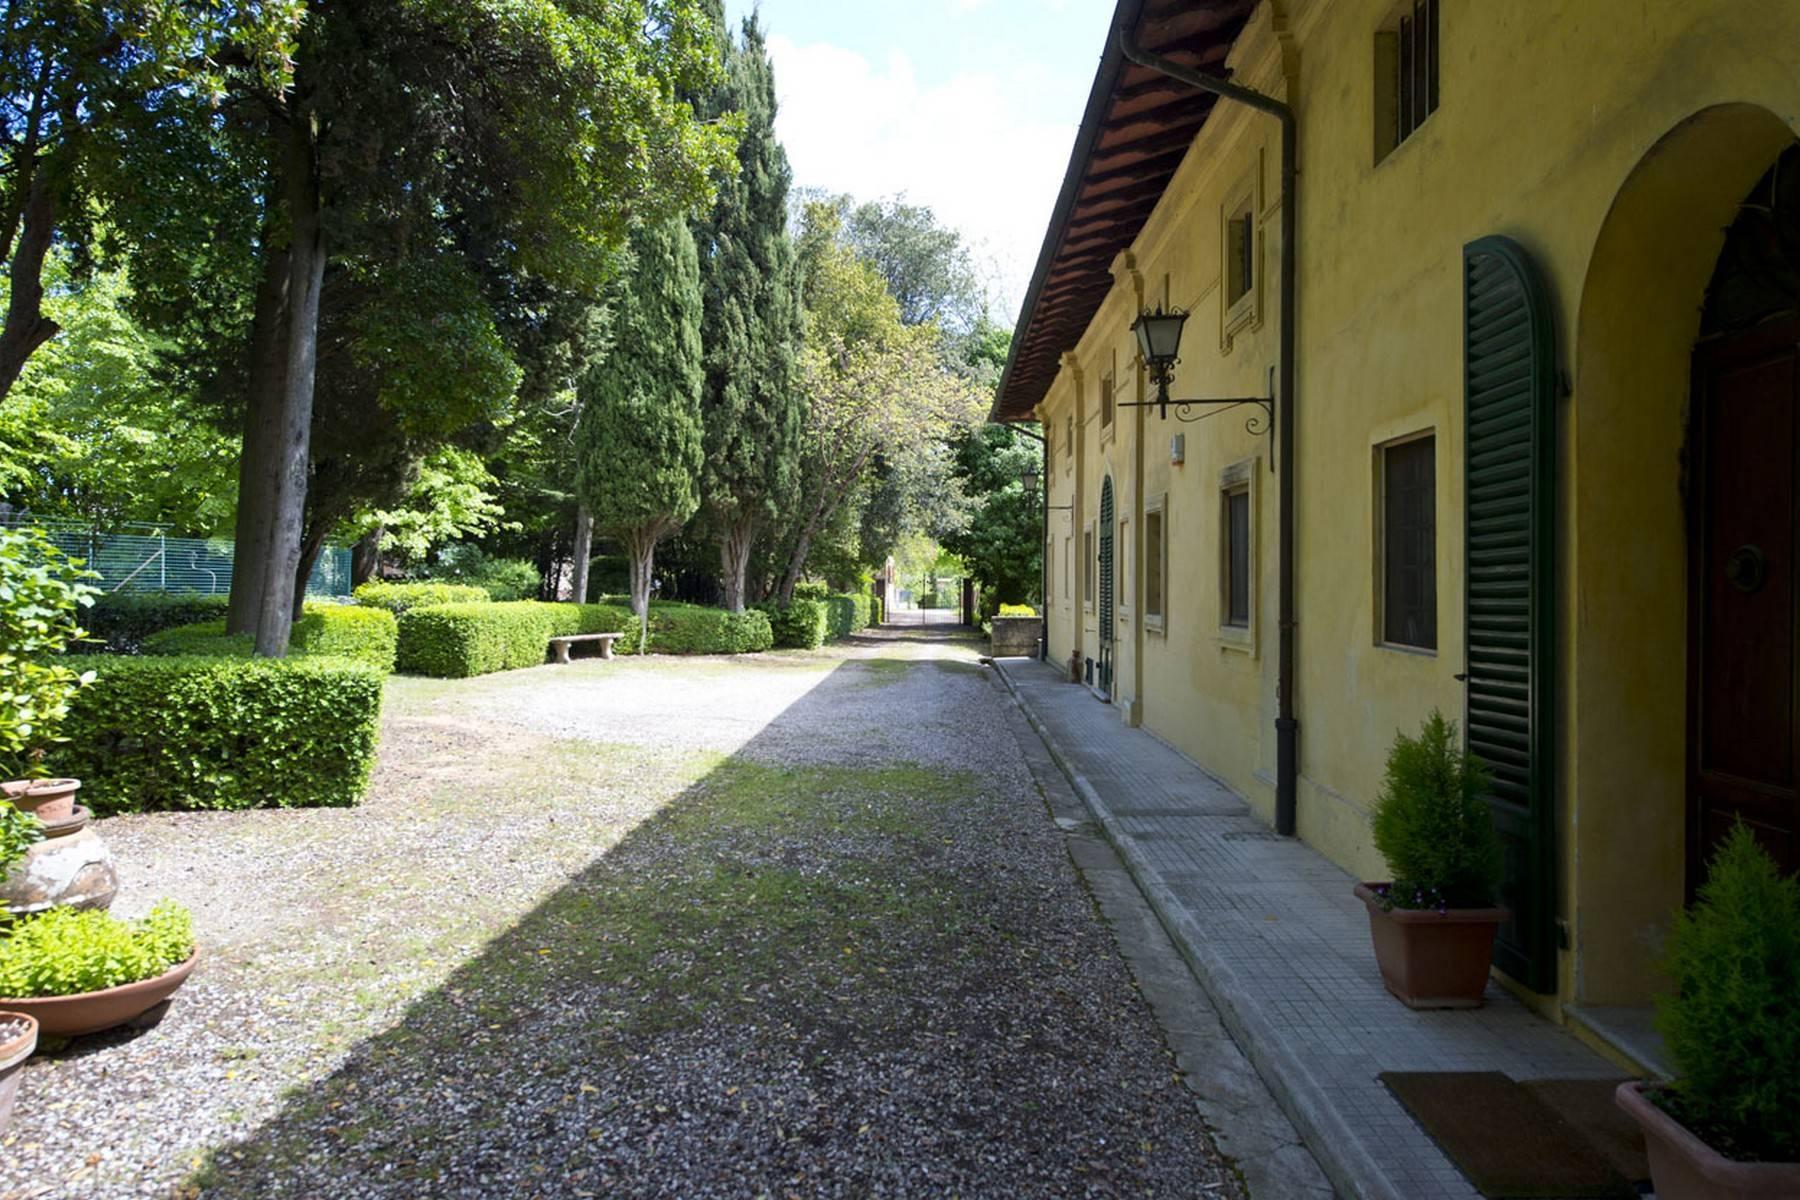 Spettacolare Villa Aristocratica alle Porte di Siena - 24